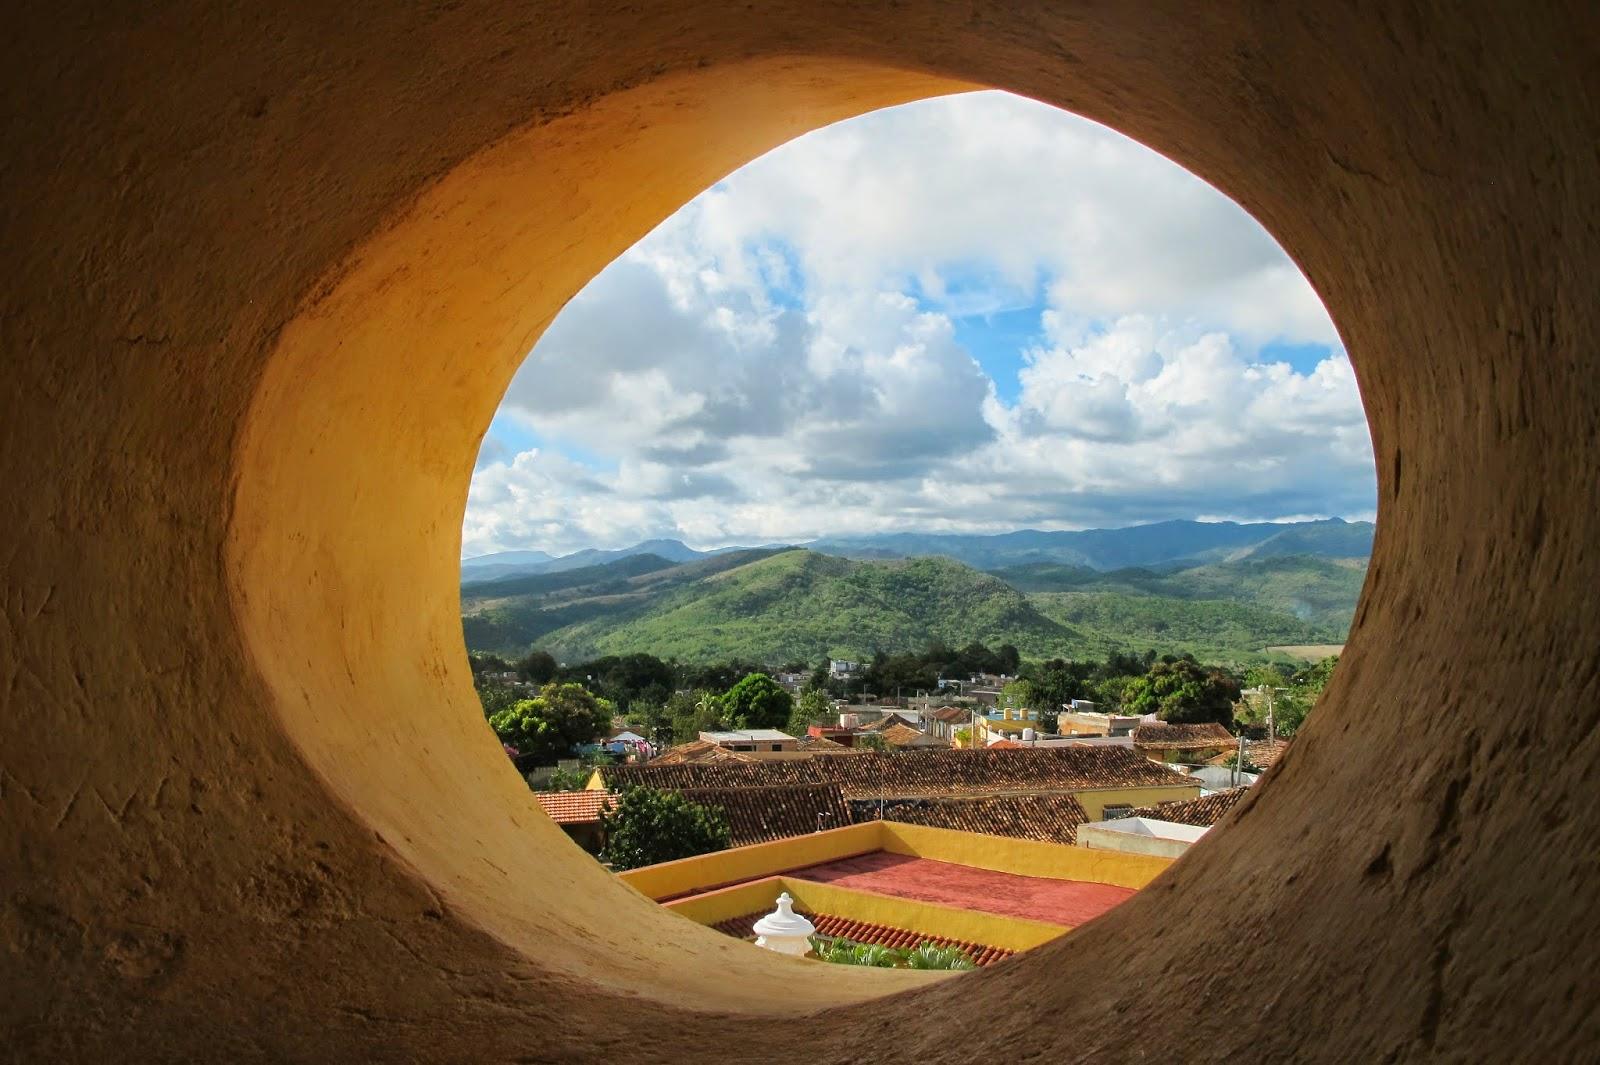 Sierra del Escambray vista do campanário do antigo mosteiro, Centro histórico de Trinidad, em Cuba.